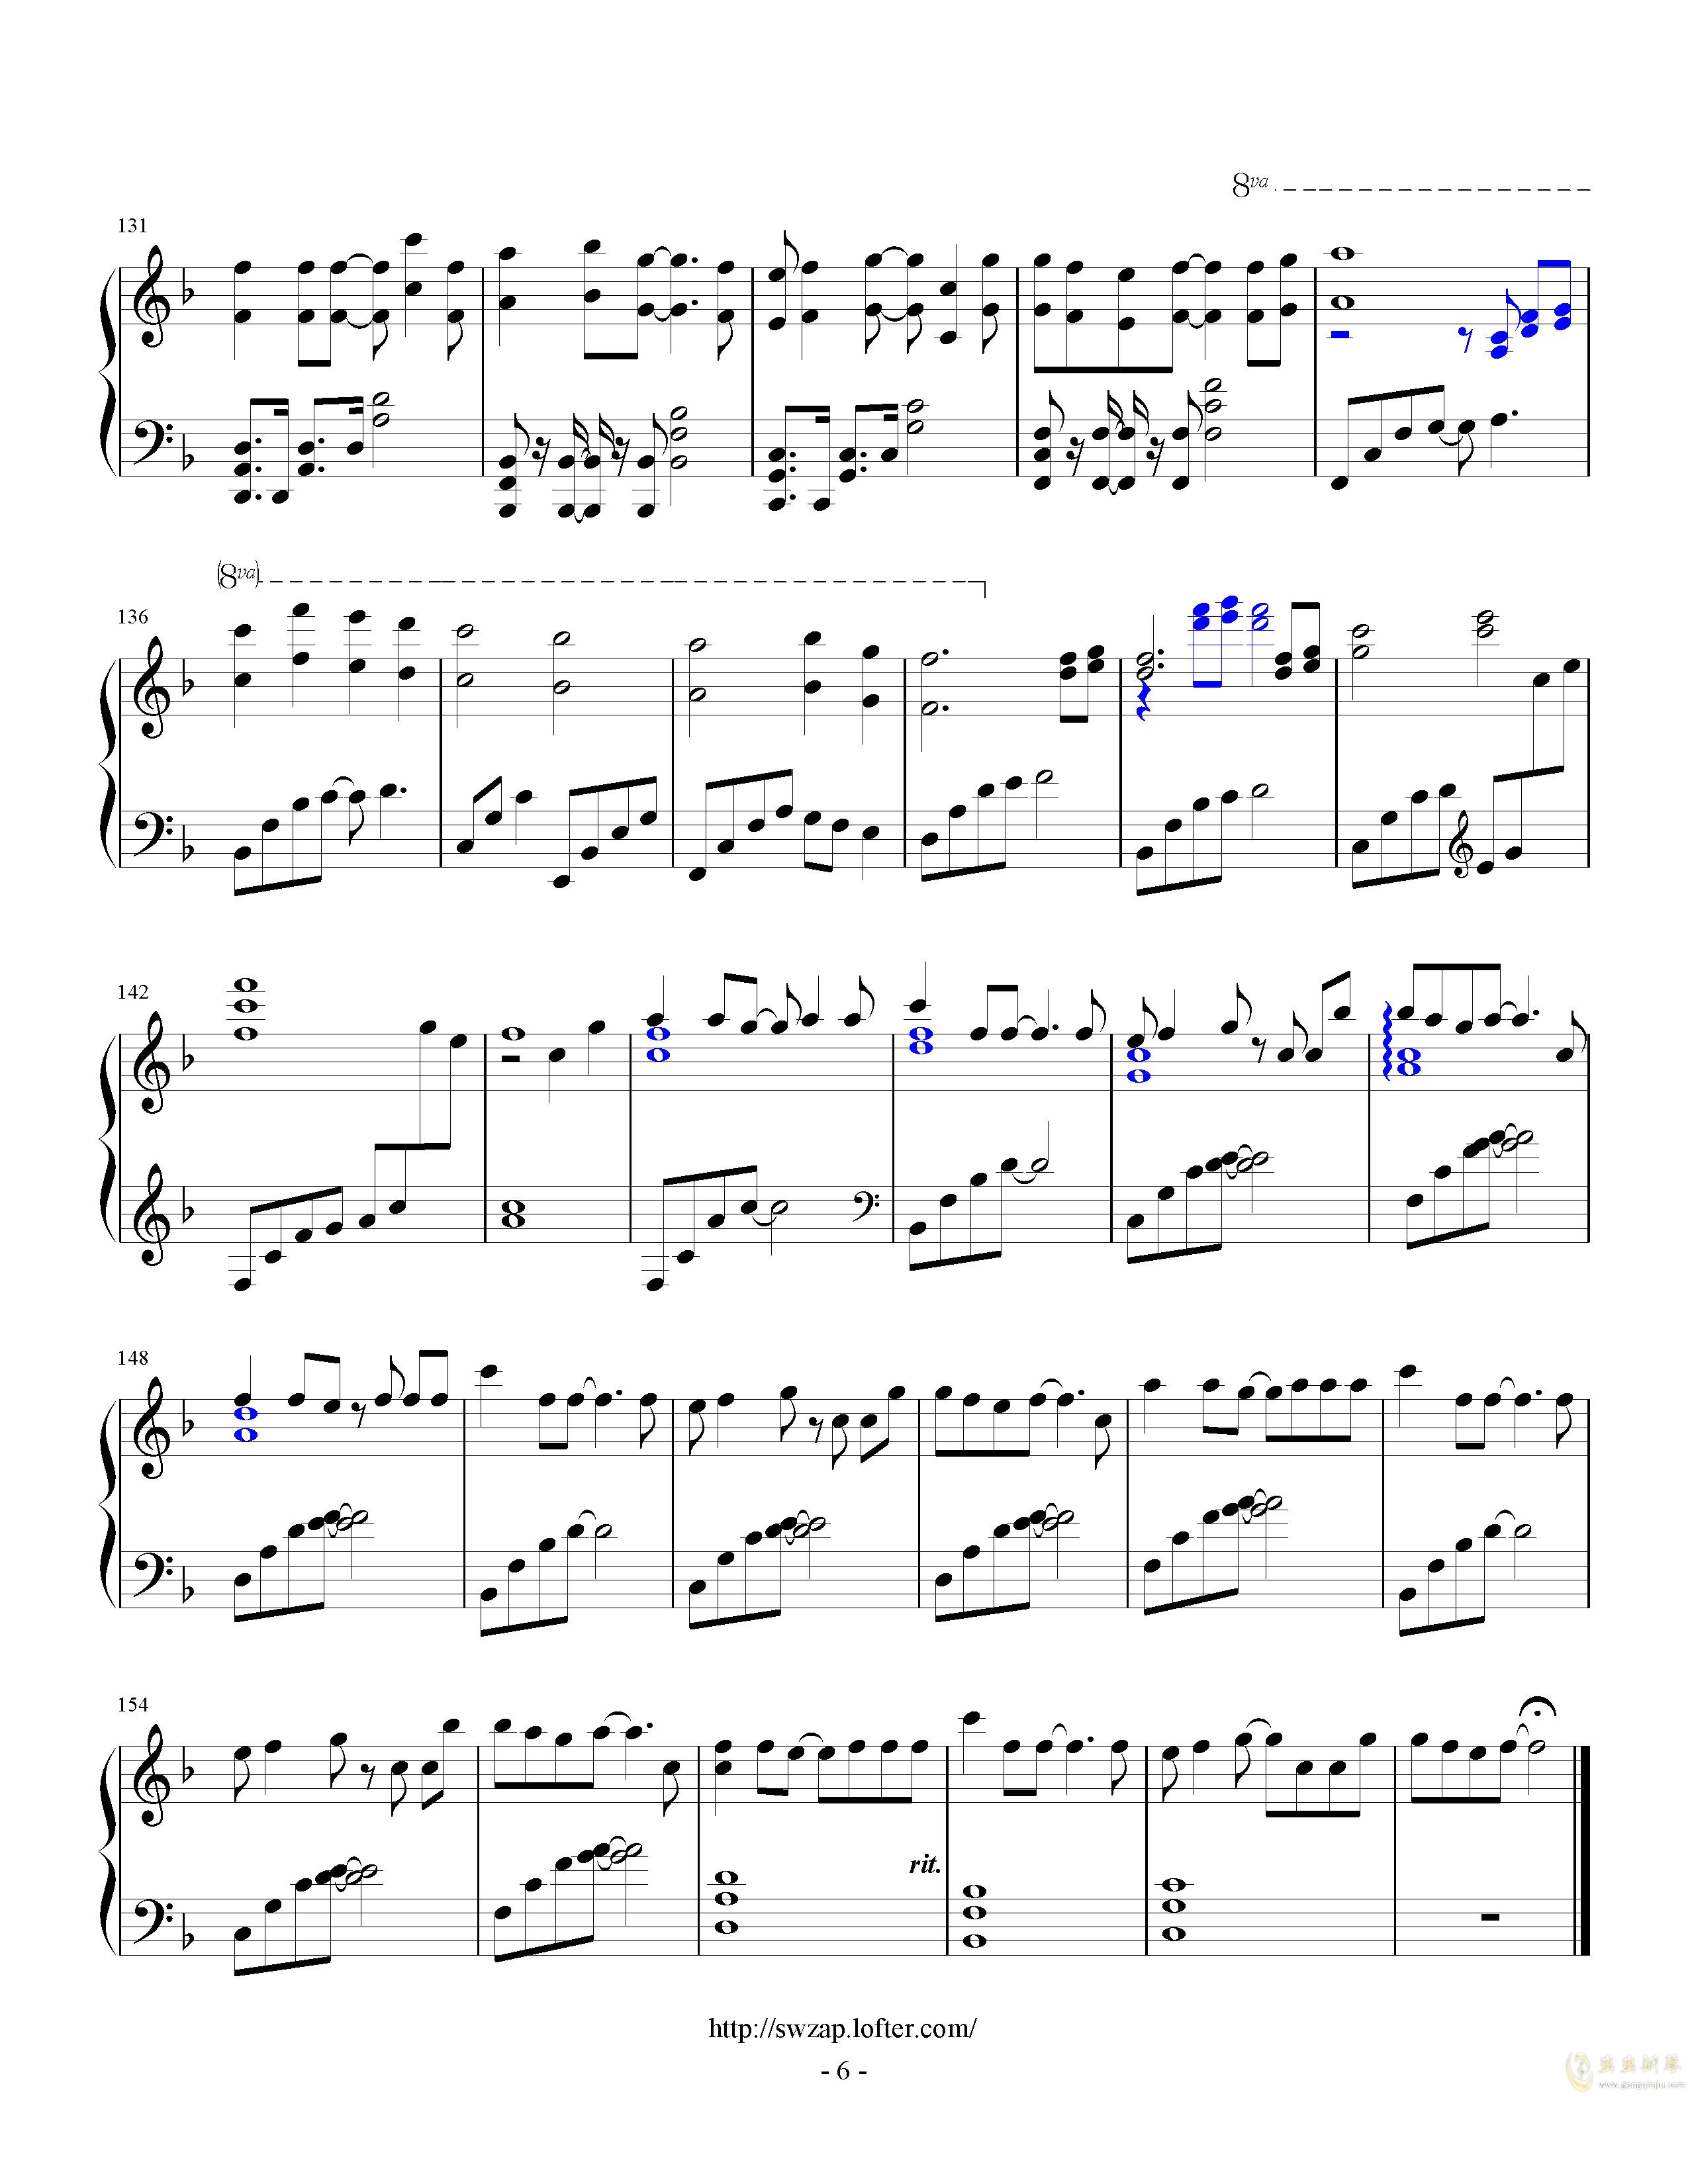 letter song钢琴谱 第6页